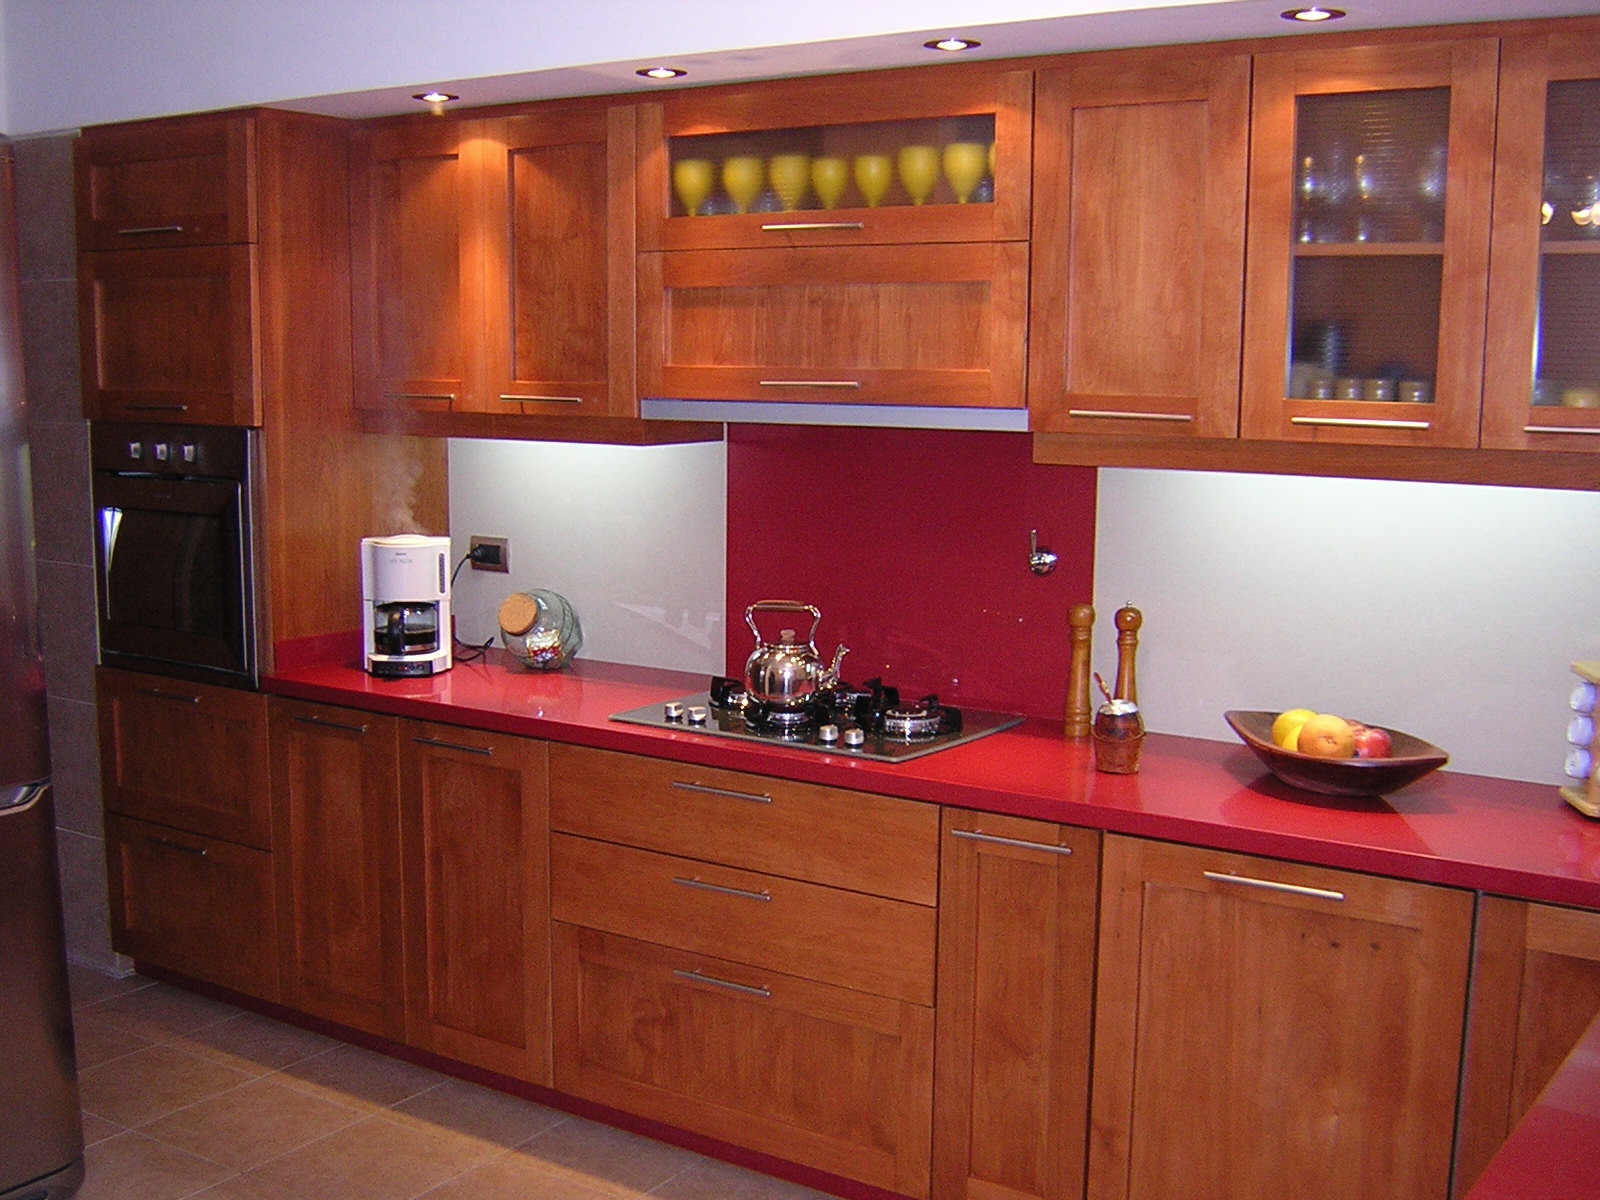 Ixtus Amoblamientos Muebles De Cocina Madera